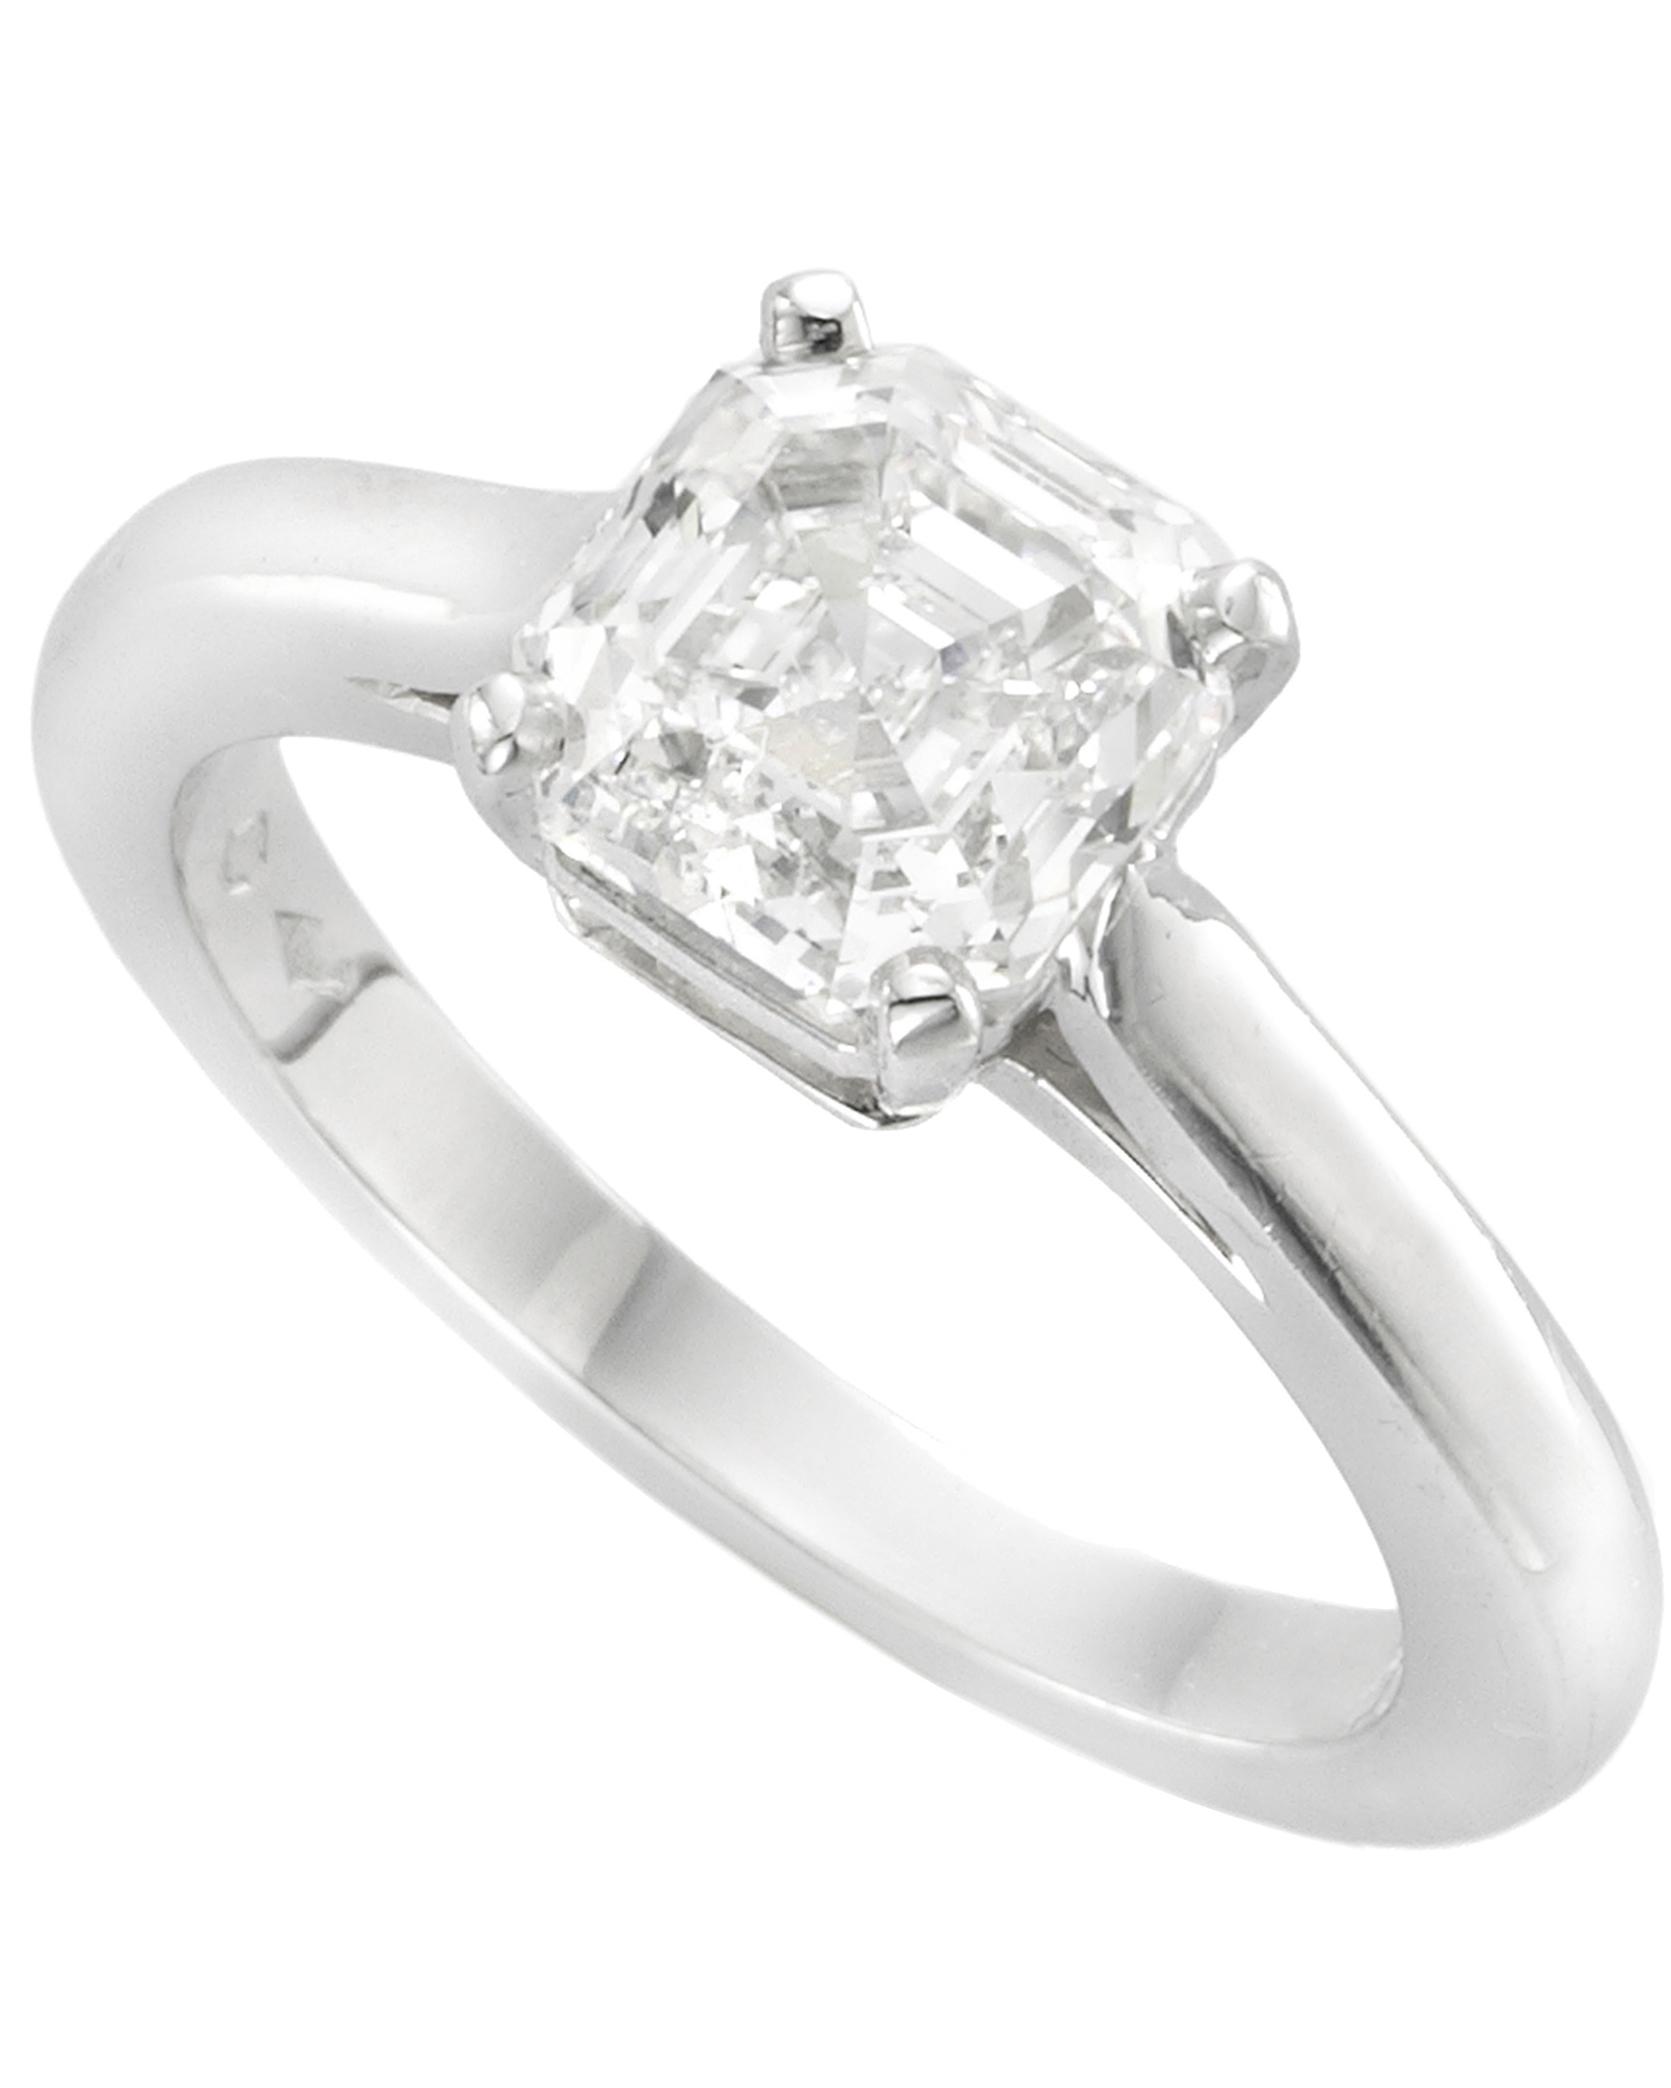 Asscher Cut Diamond Engagement Rings